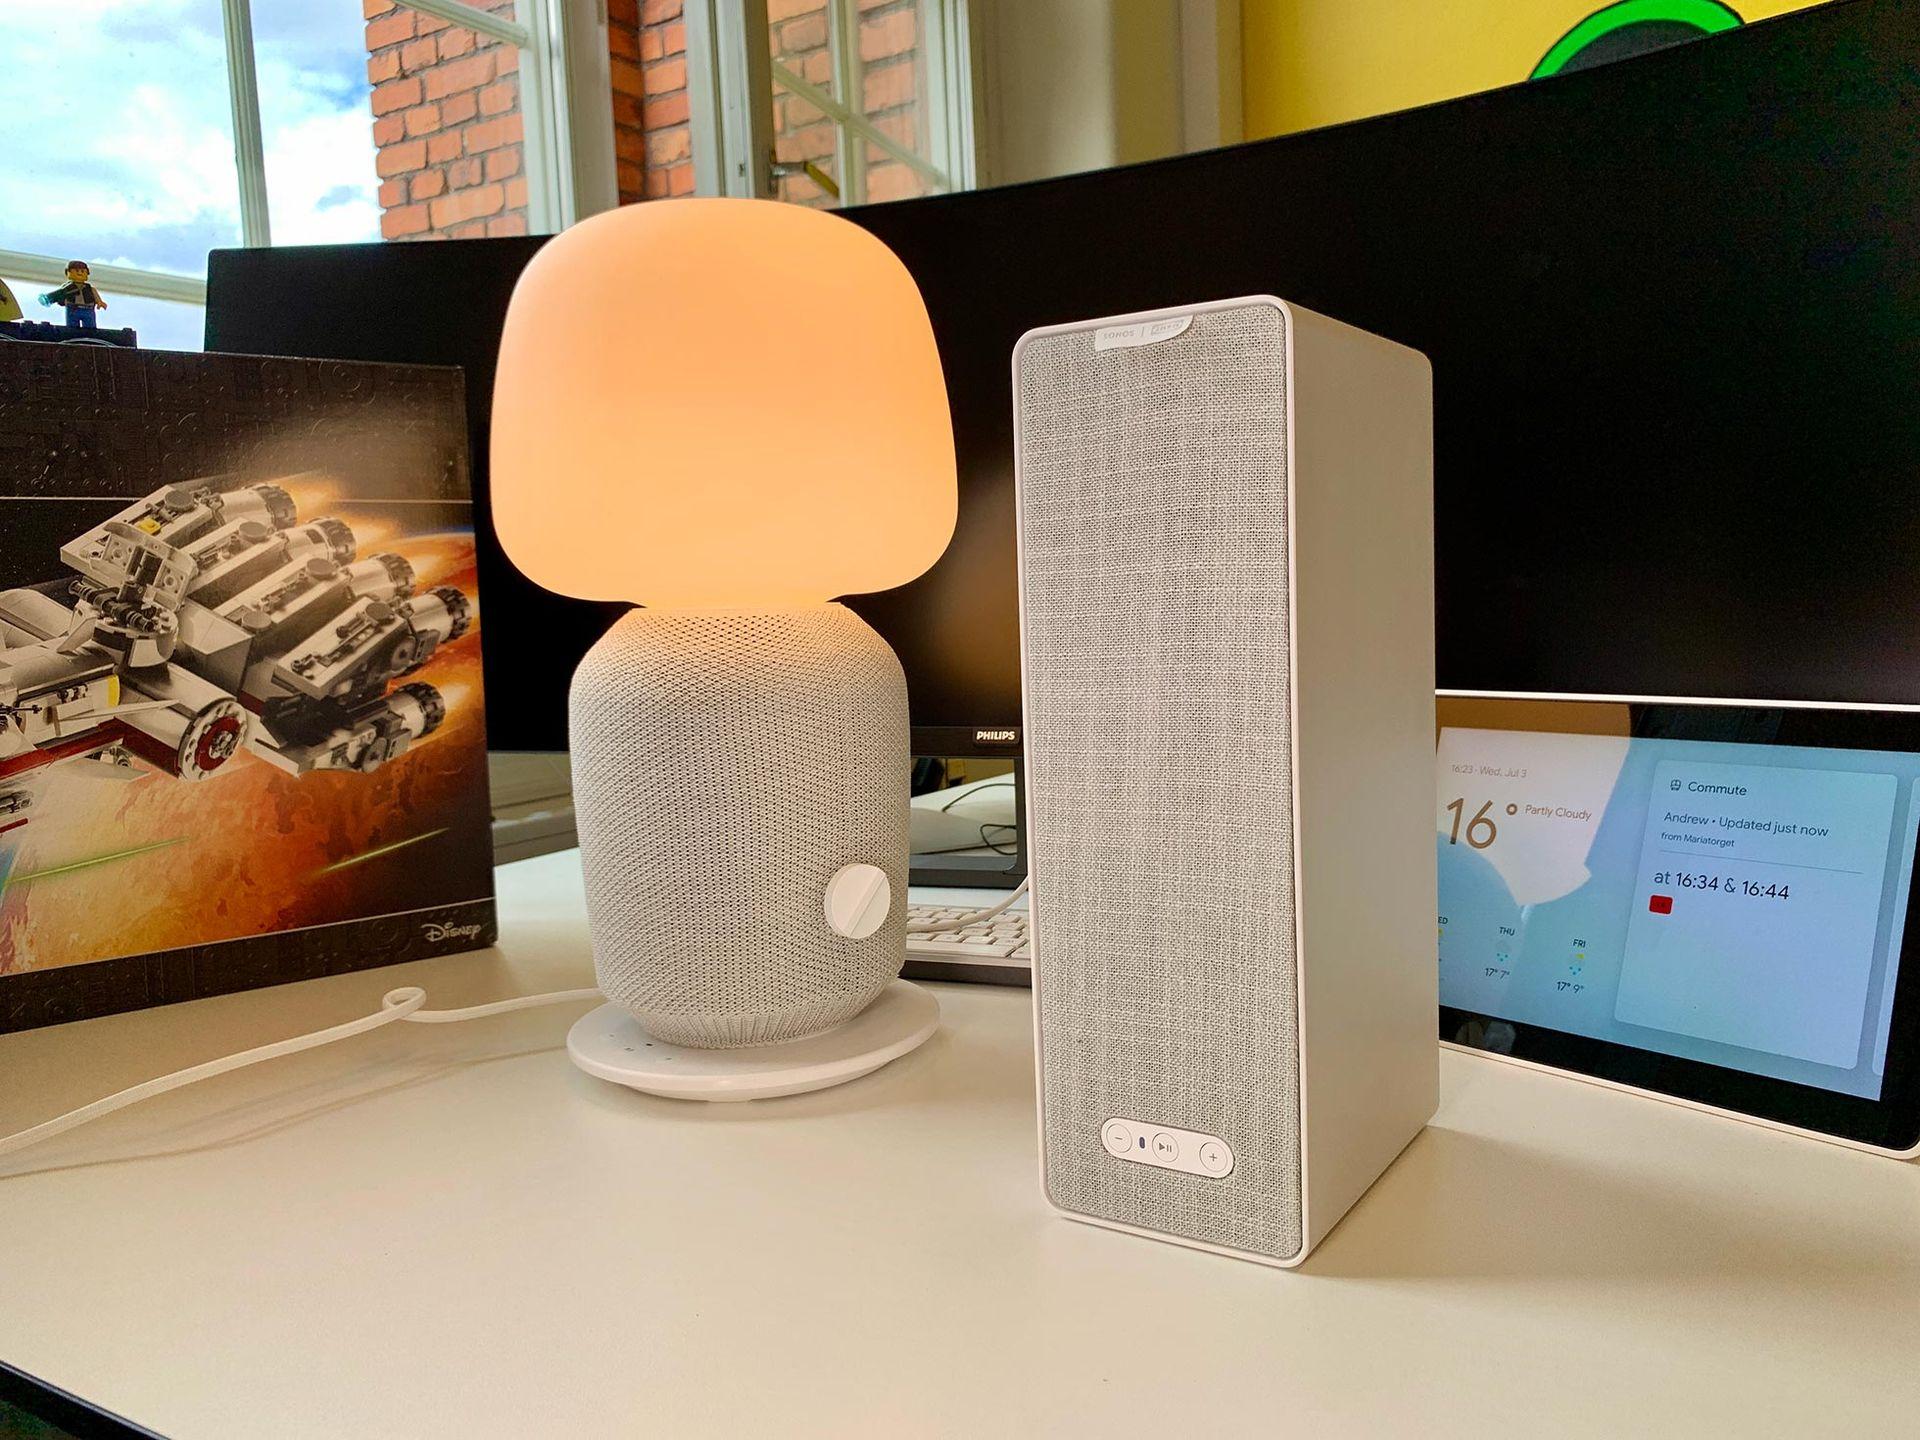 Vi har kollat in Sonos och IKEAs samarbete Symfonisk